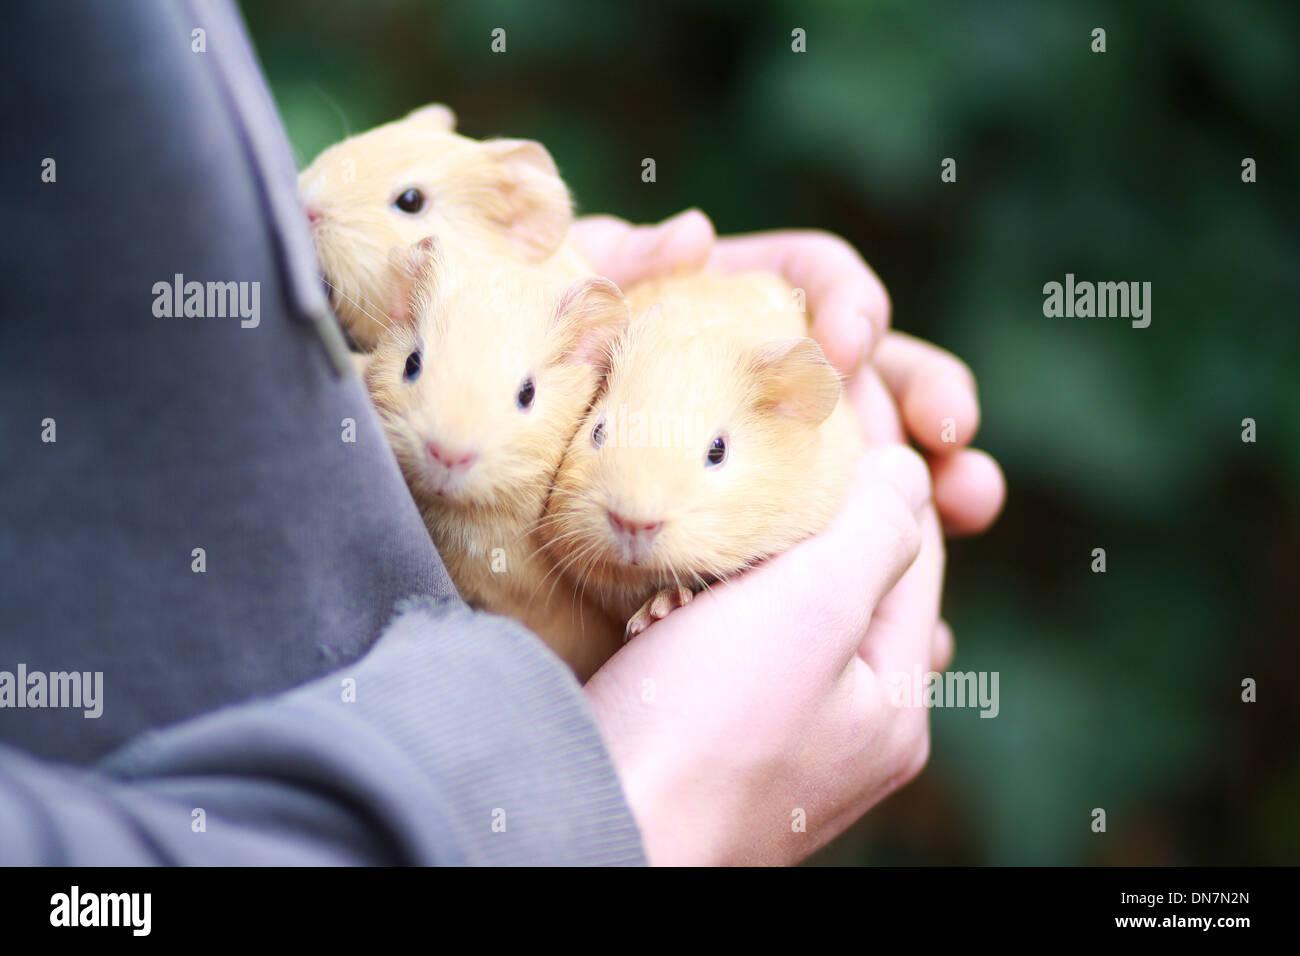 Niña la celebración de conejillo de indias en sus brazos Imagen De Stock